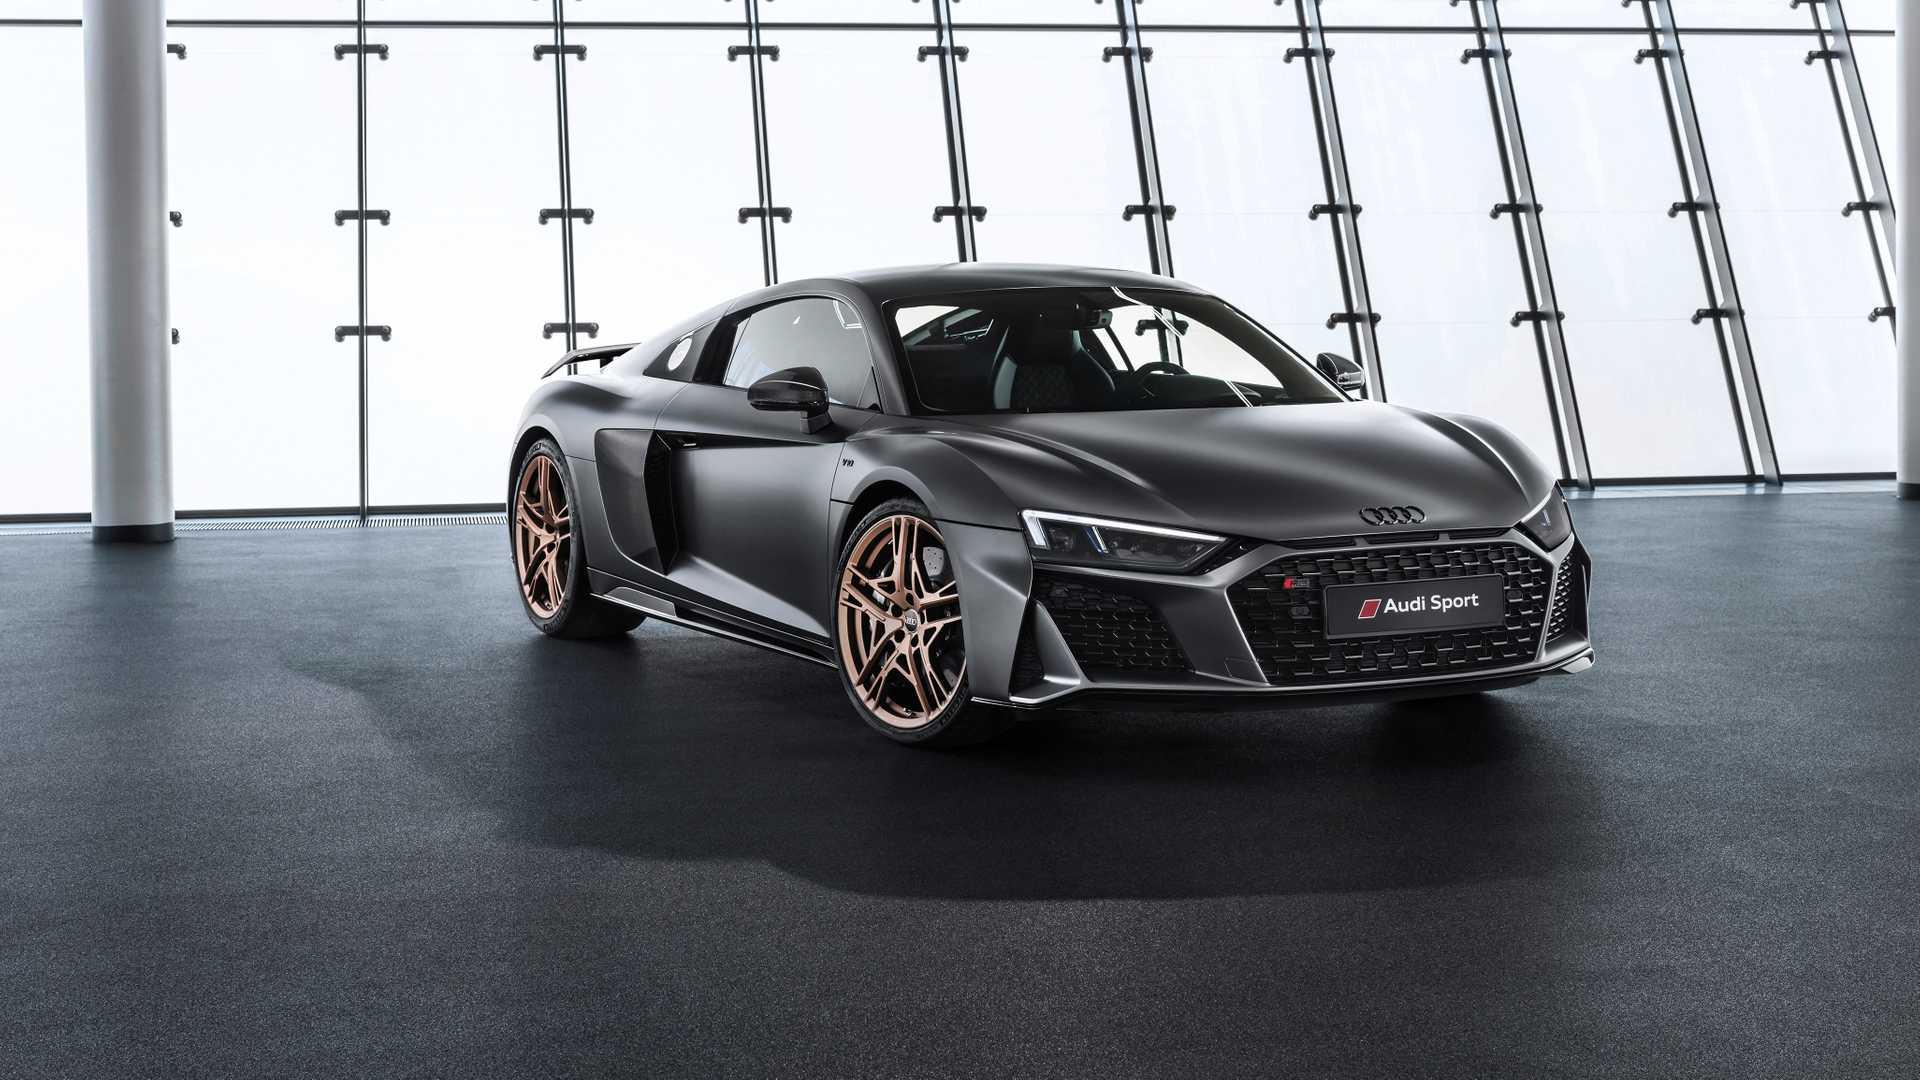 Audi R8 V10 5.2 Decennium